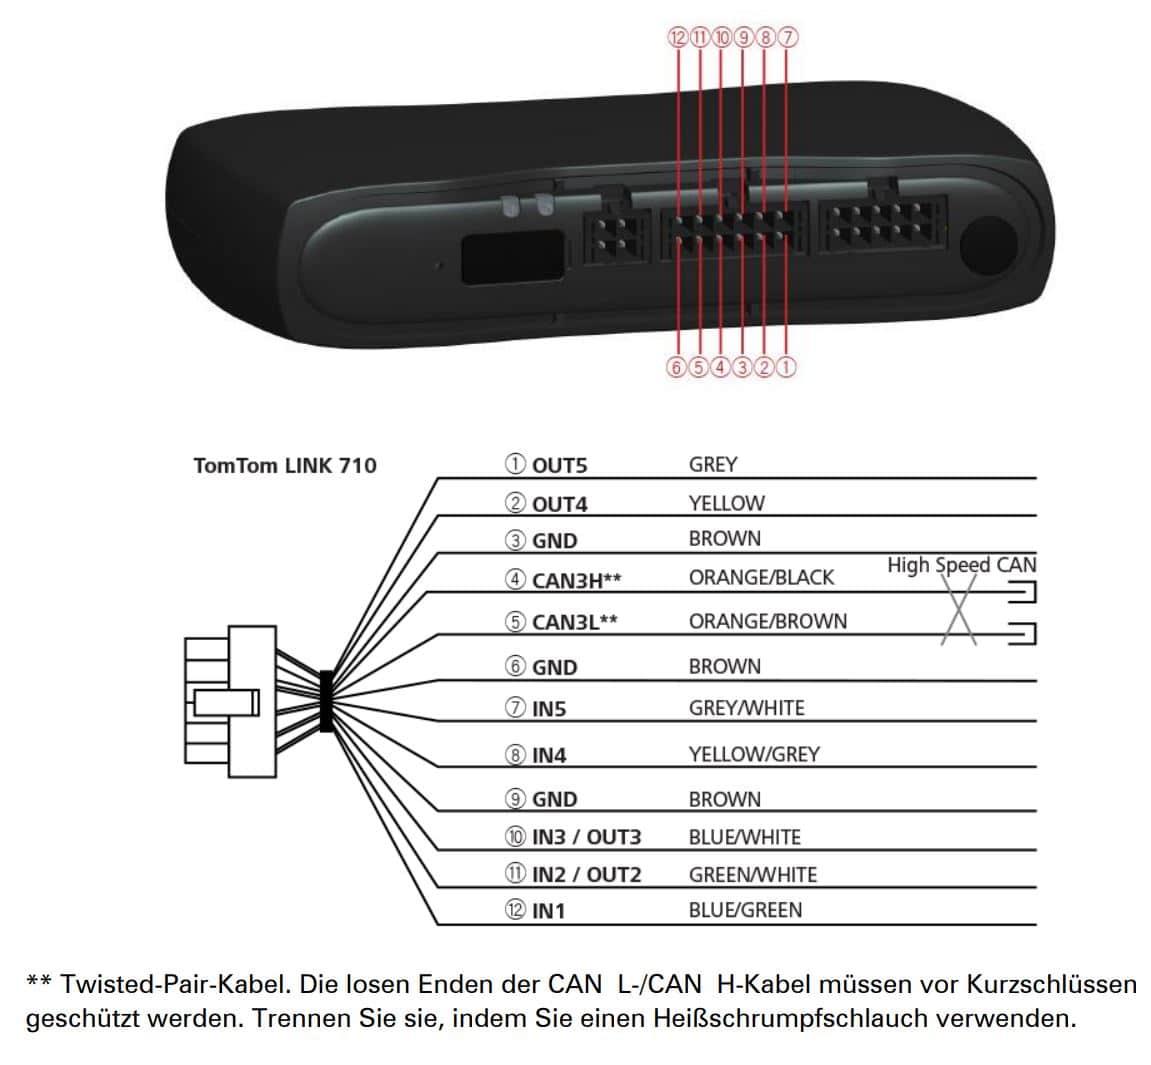 12-poligen IO-Kabel für LINK 710 und LINK 740